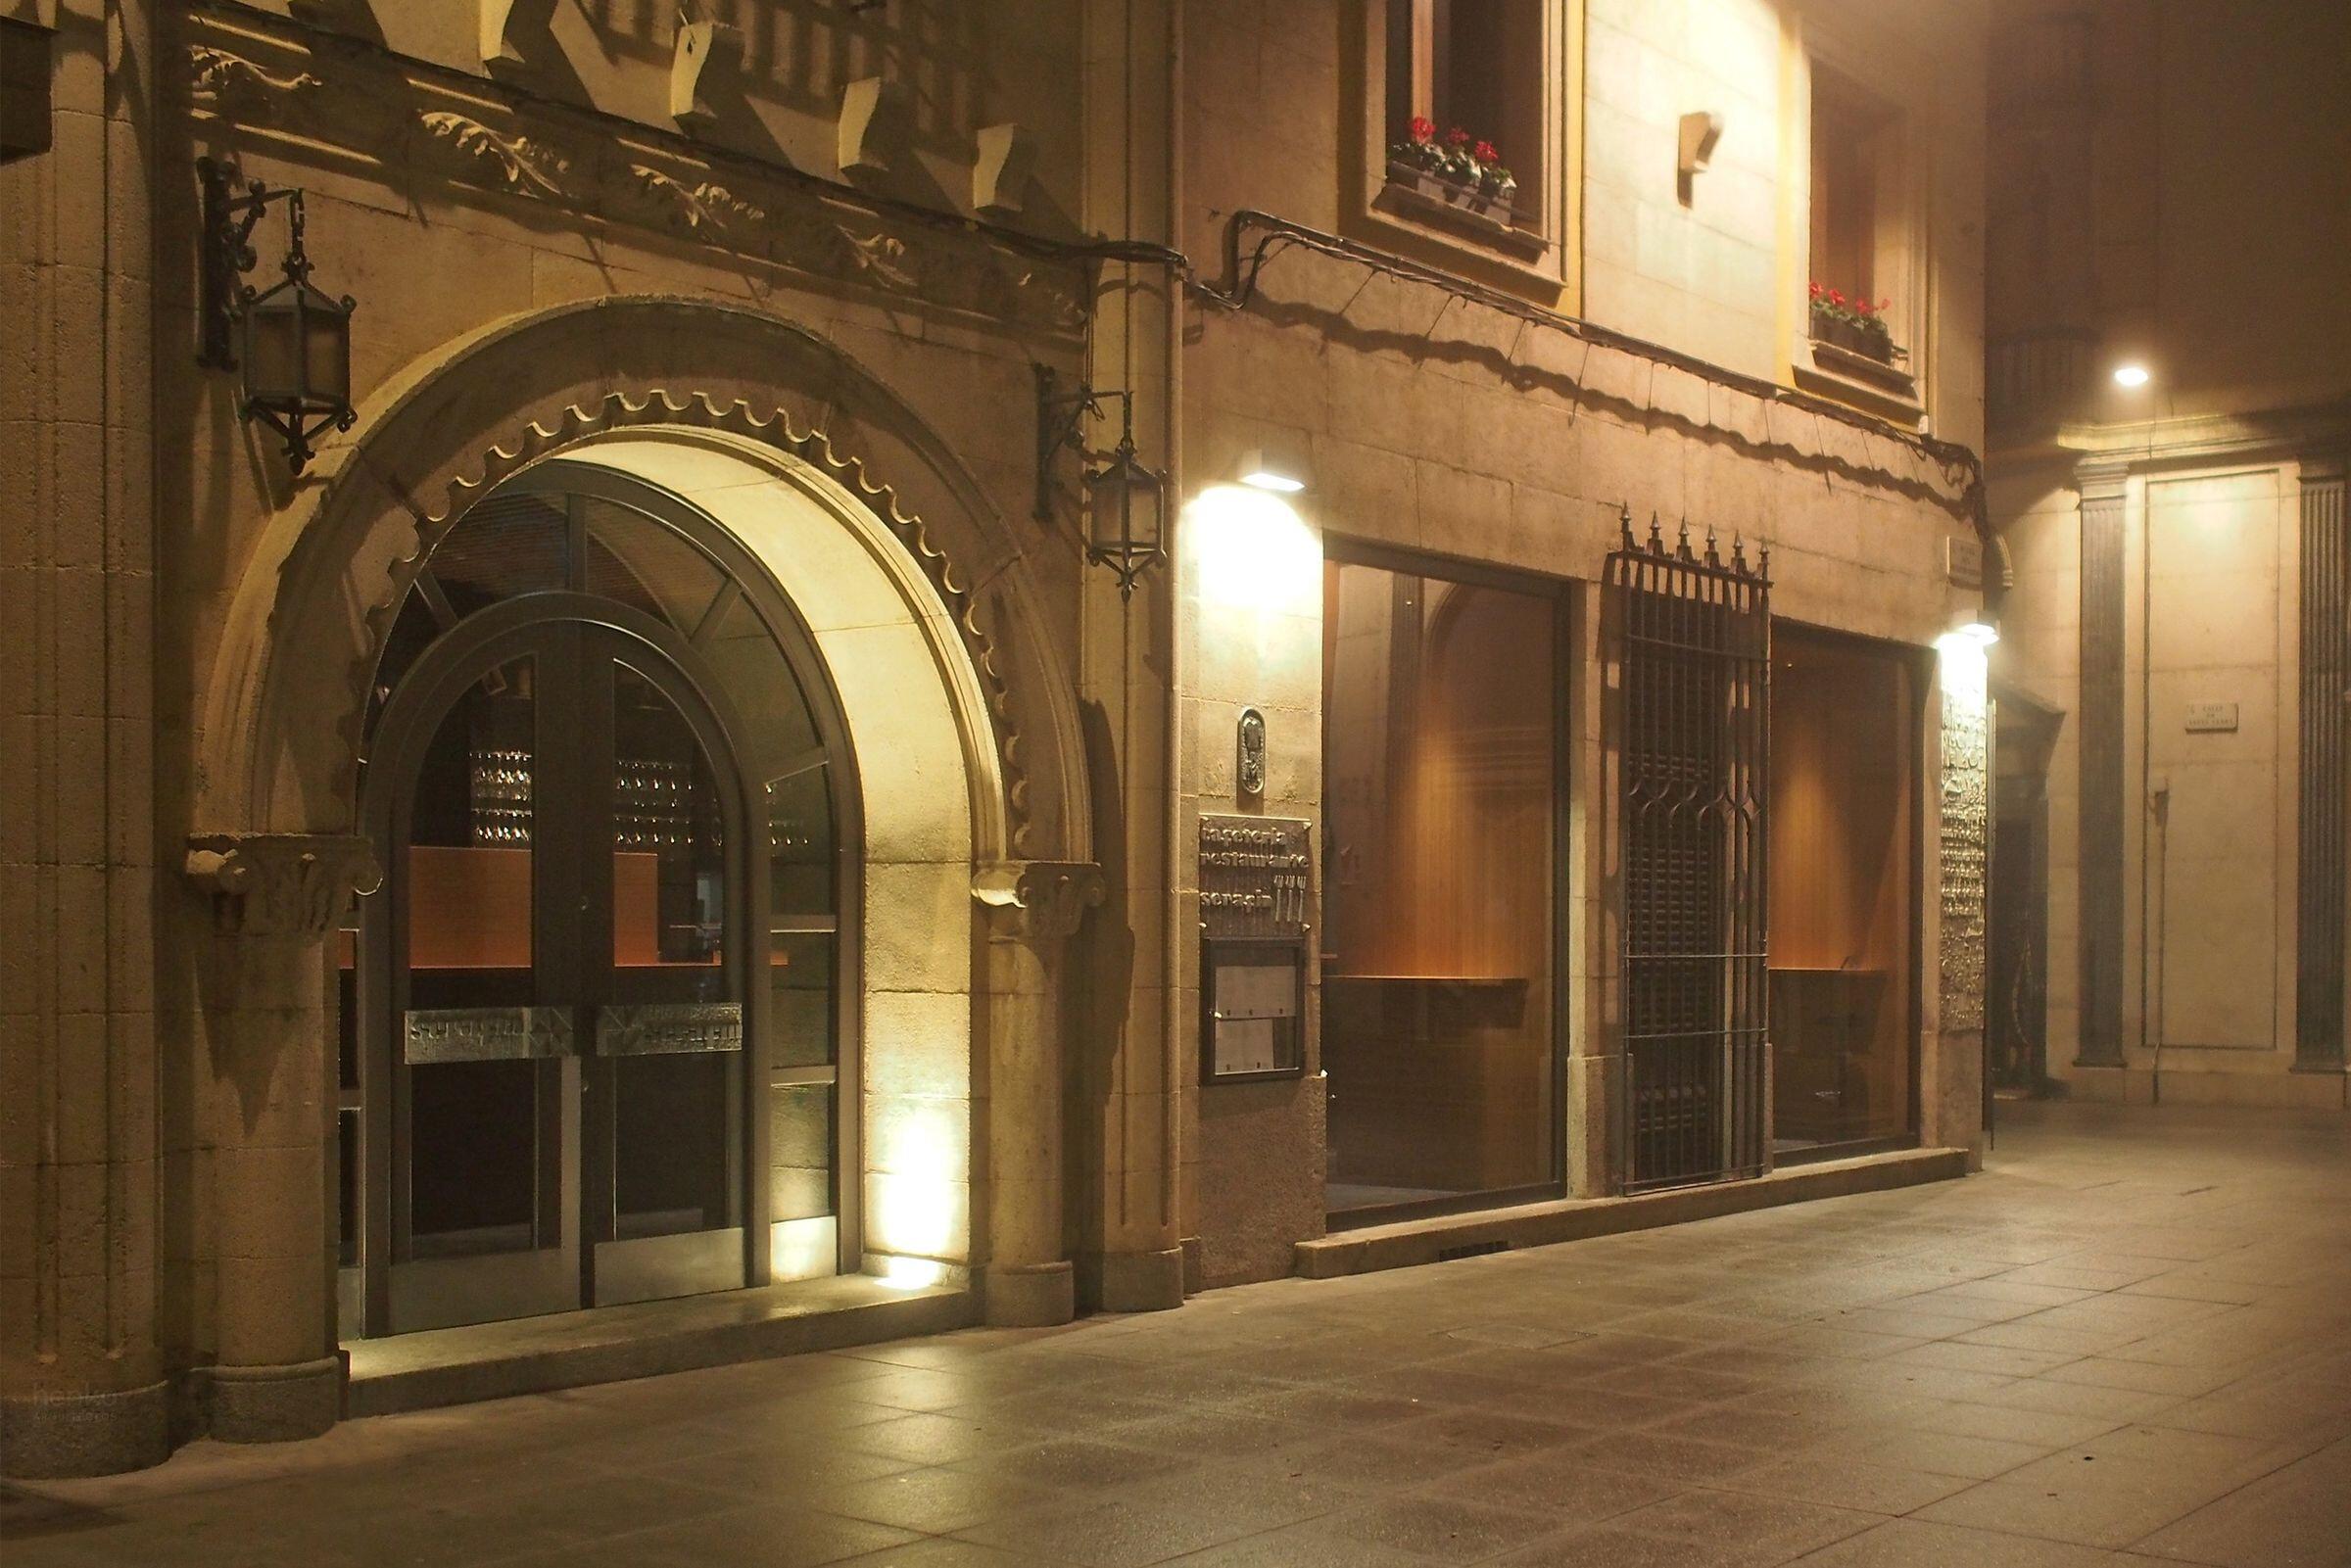 Serafin Restaurant & Café